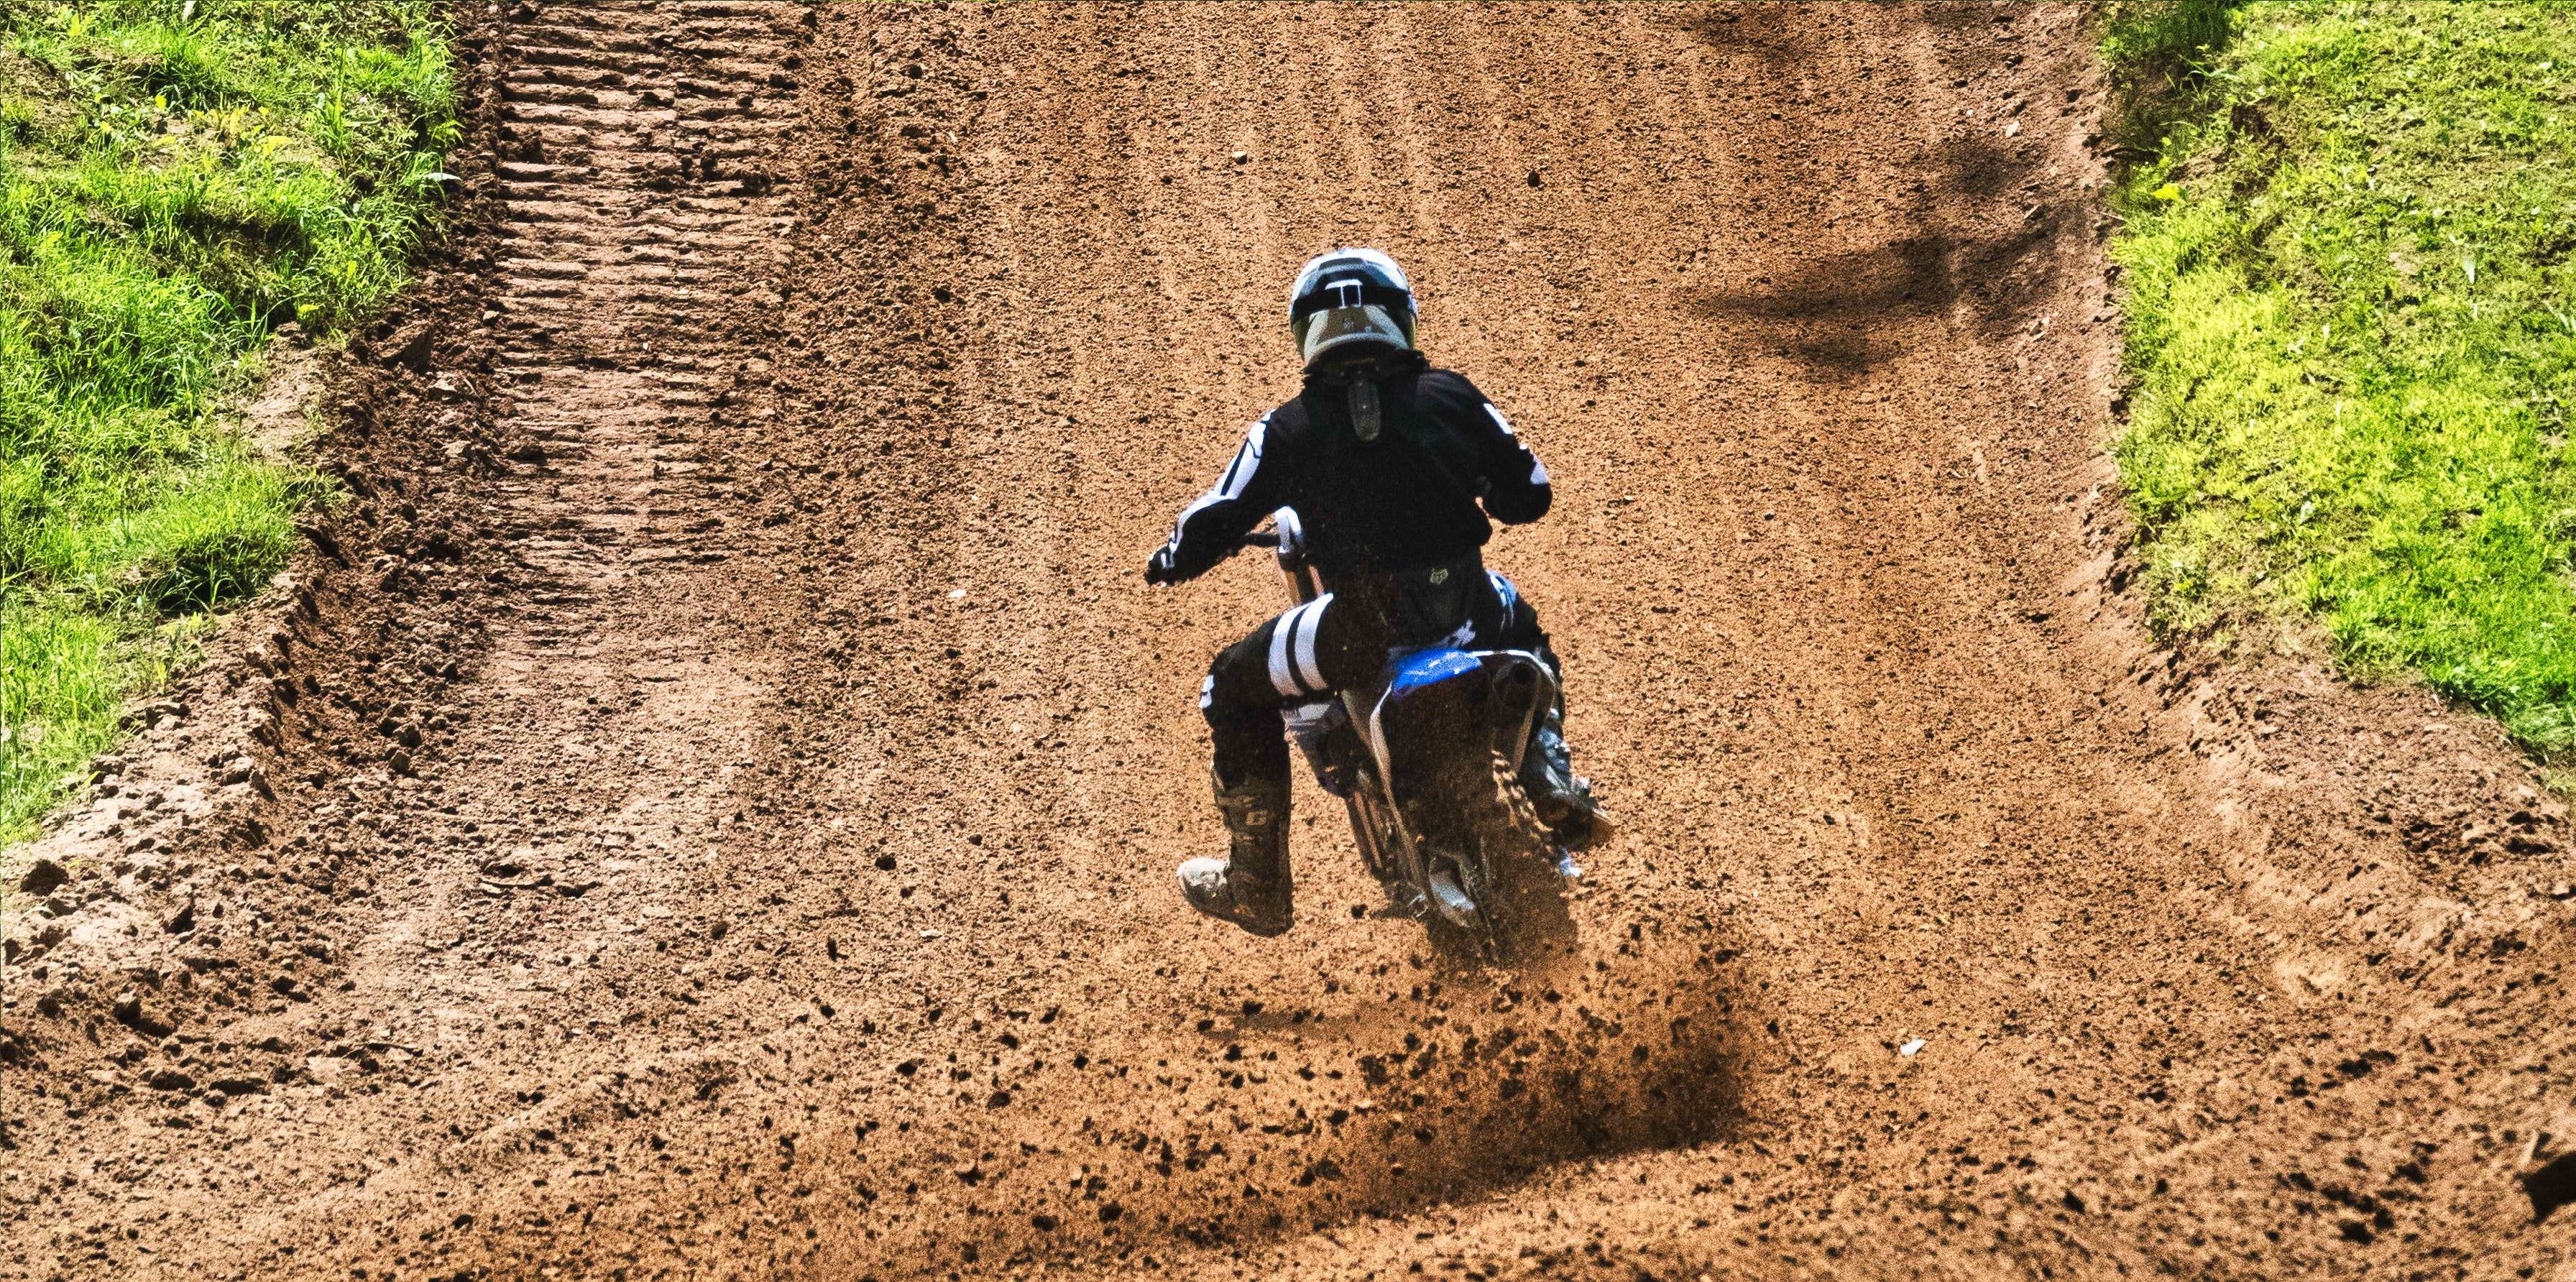 active-bike-rider-biker-2802554.jpg